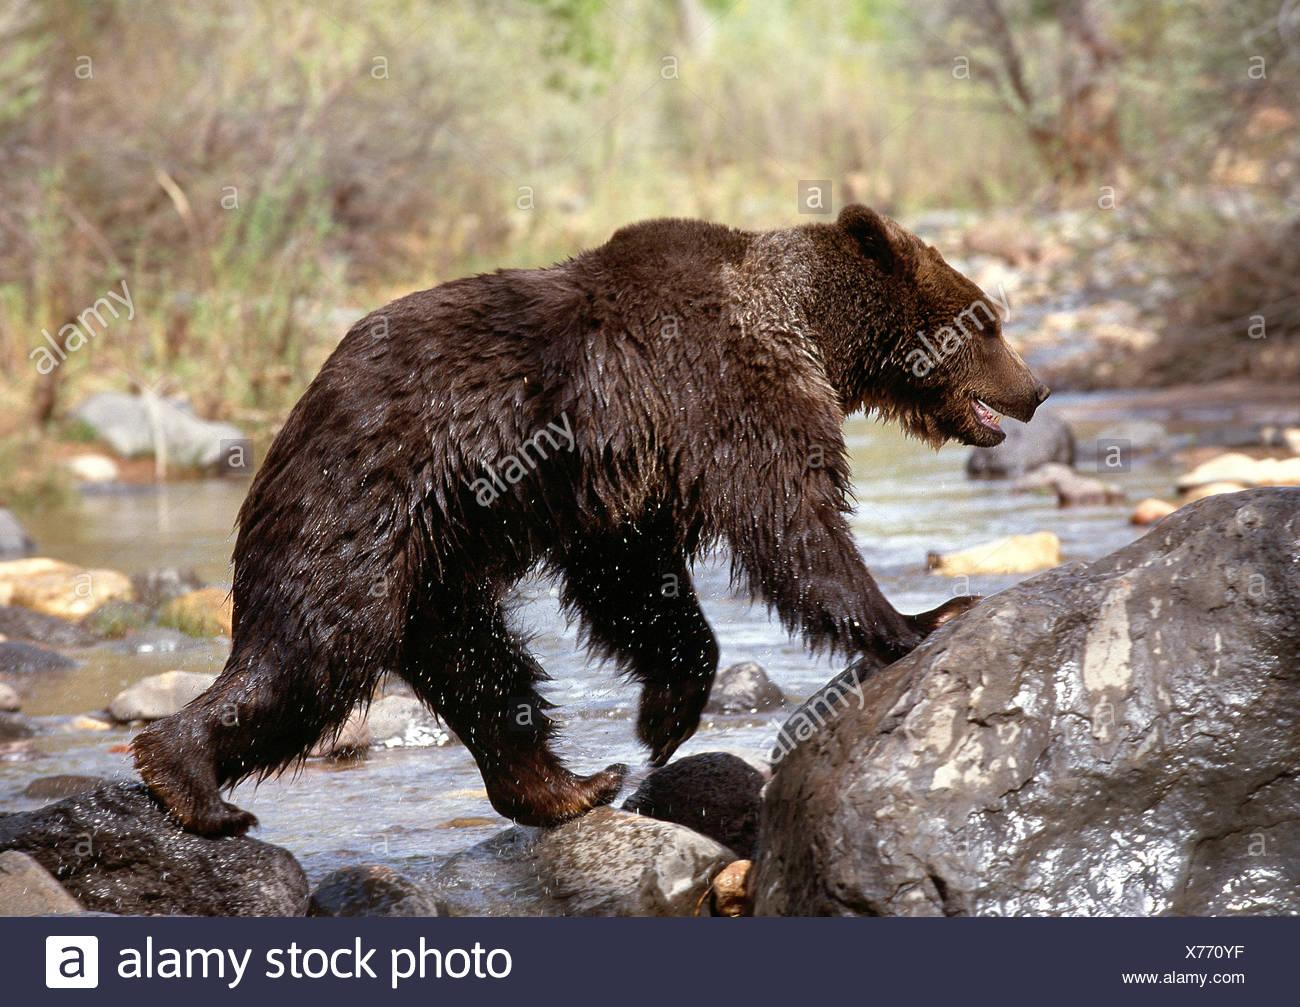 Stati Uniti d'America. utah. wildlife. orso grizzly attraversare un fiume. Immagini Stock